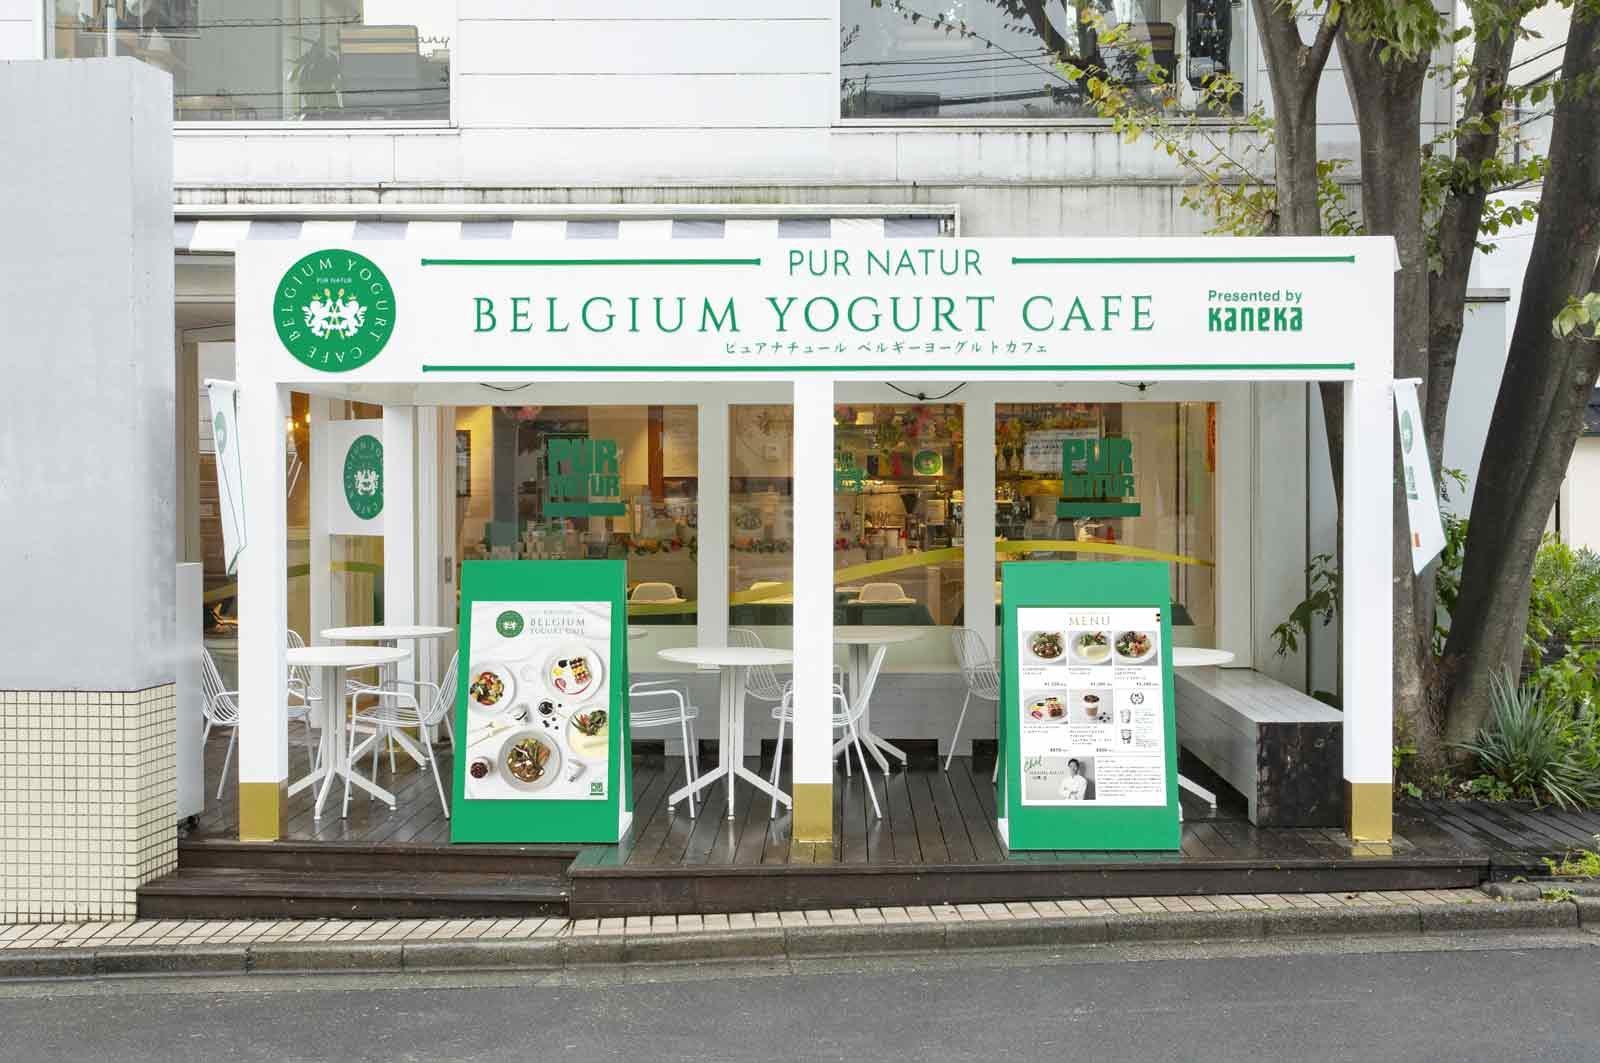 ピュアナチュール ベルギーヨーグルトカフェ